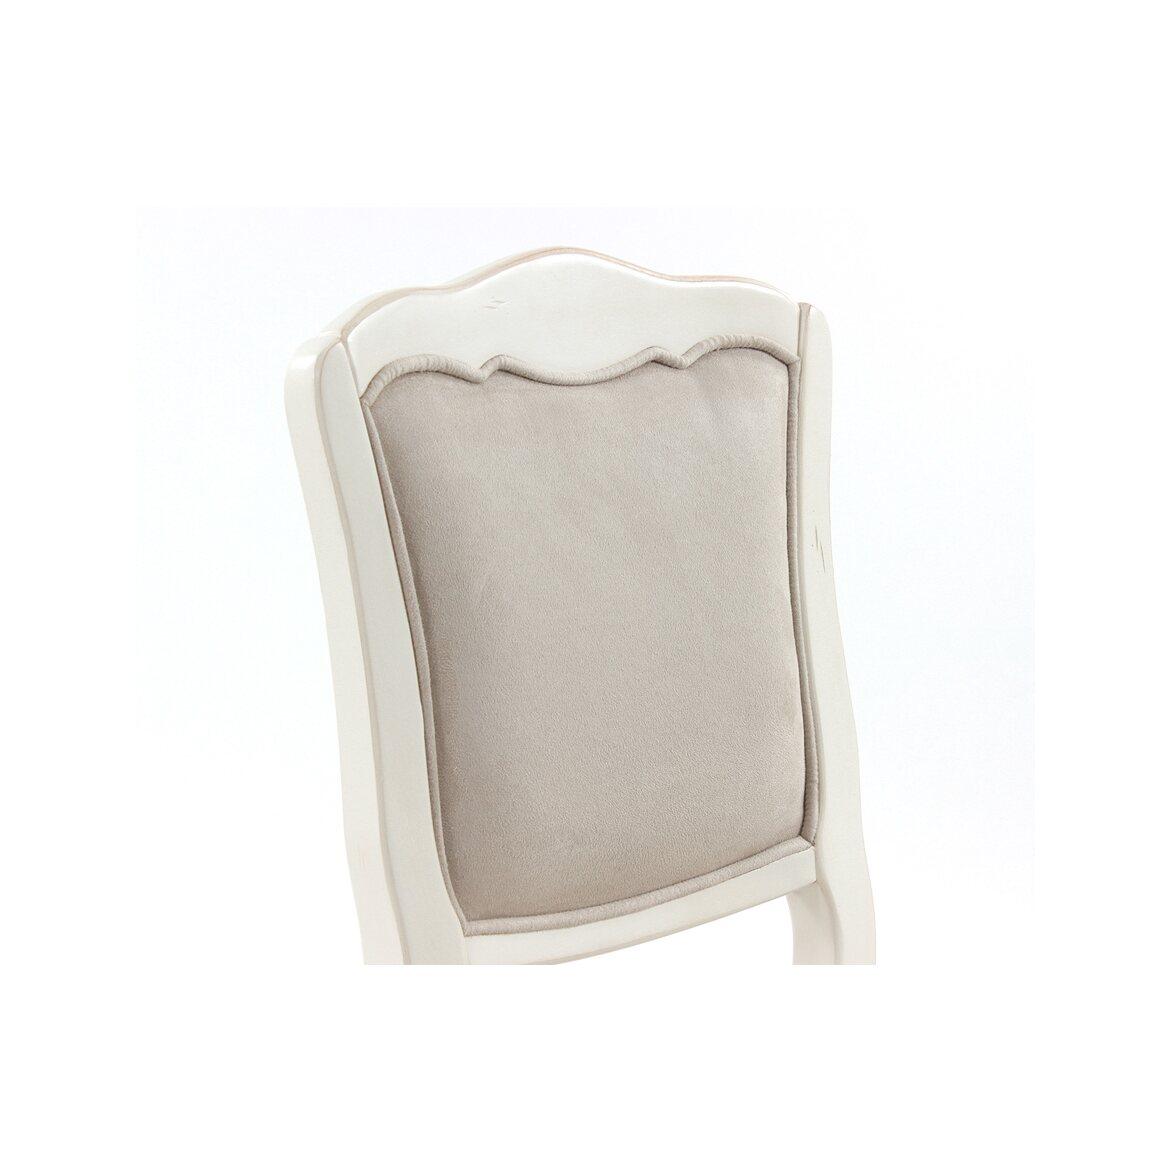 Стул с мягким сиденьем Leontina, бежевого цвета 2 | Обеденные стулья Kingsby